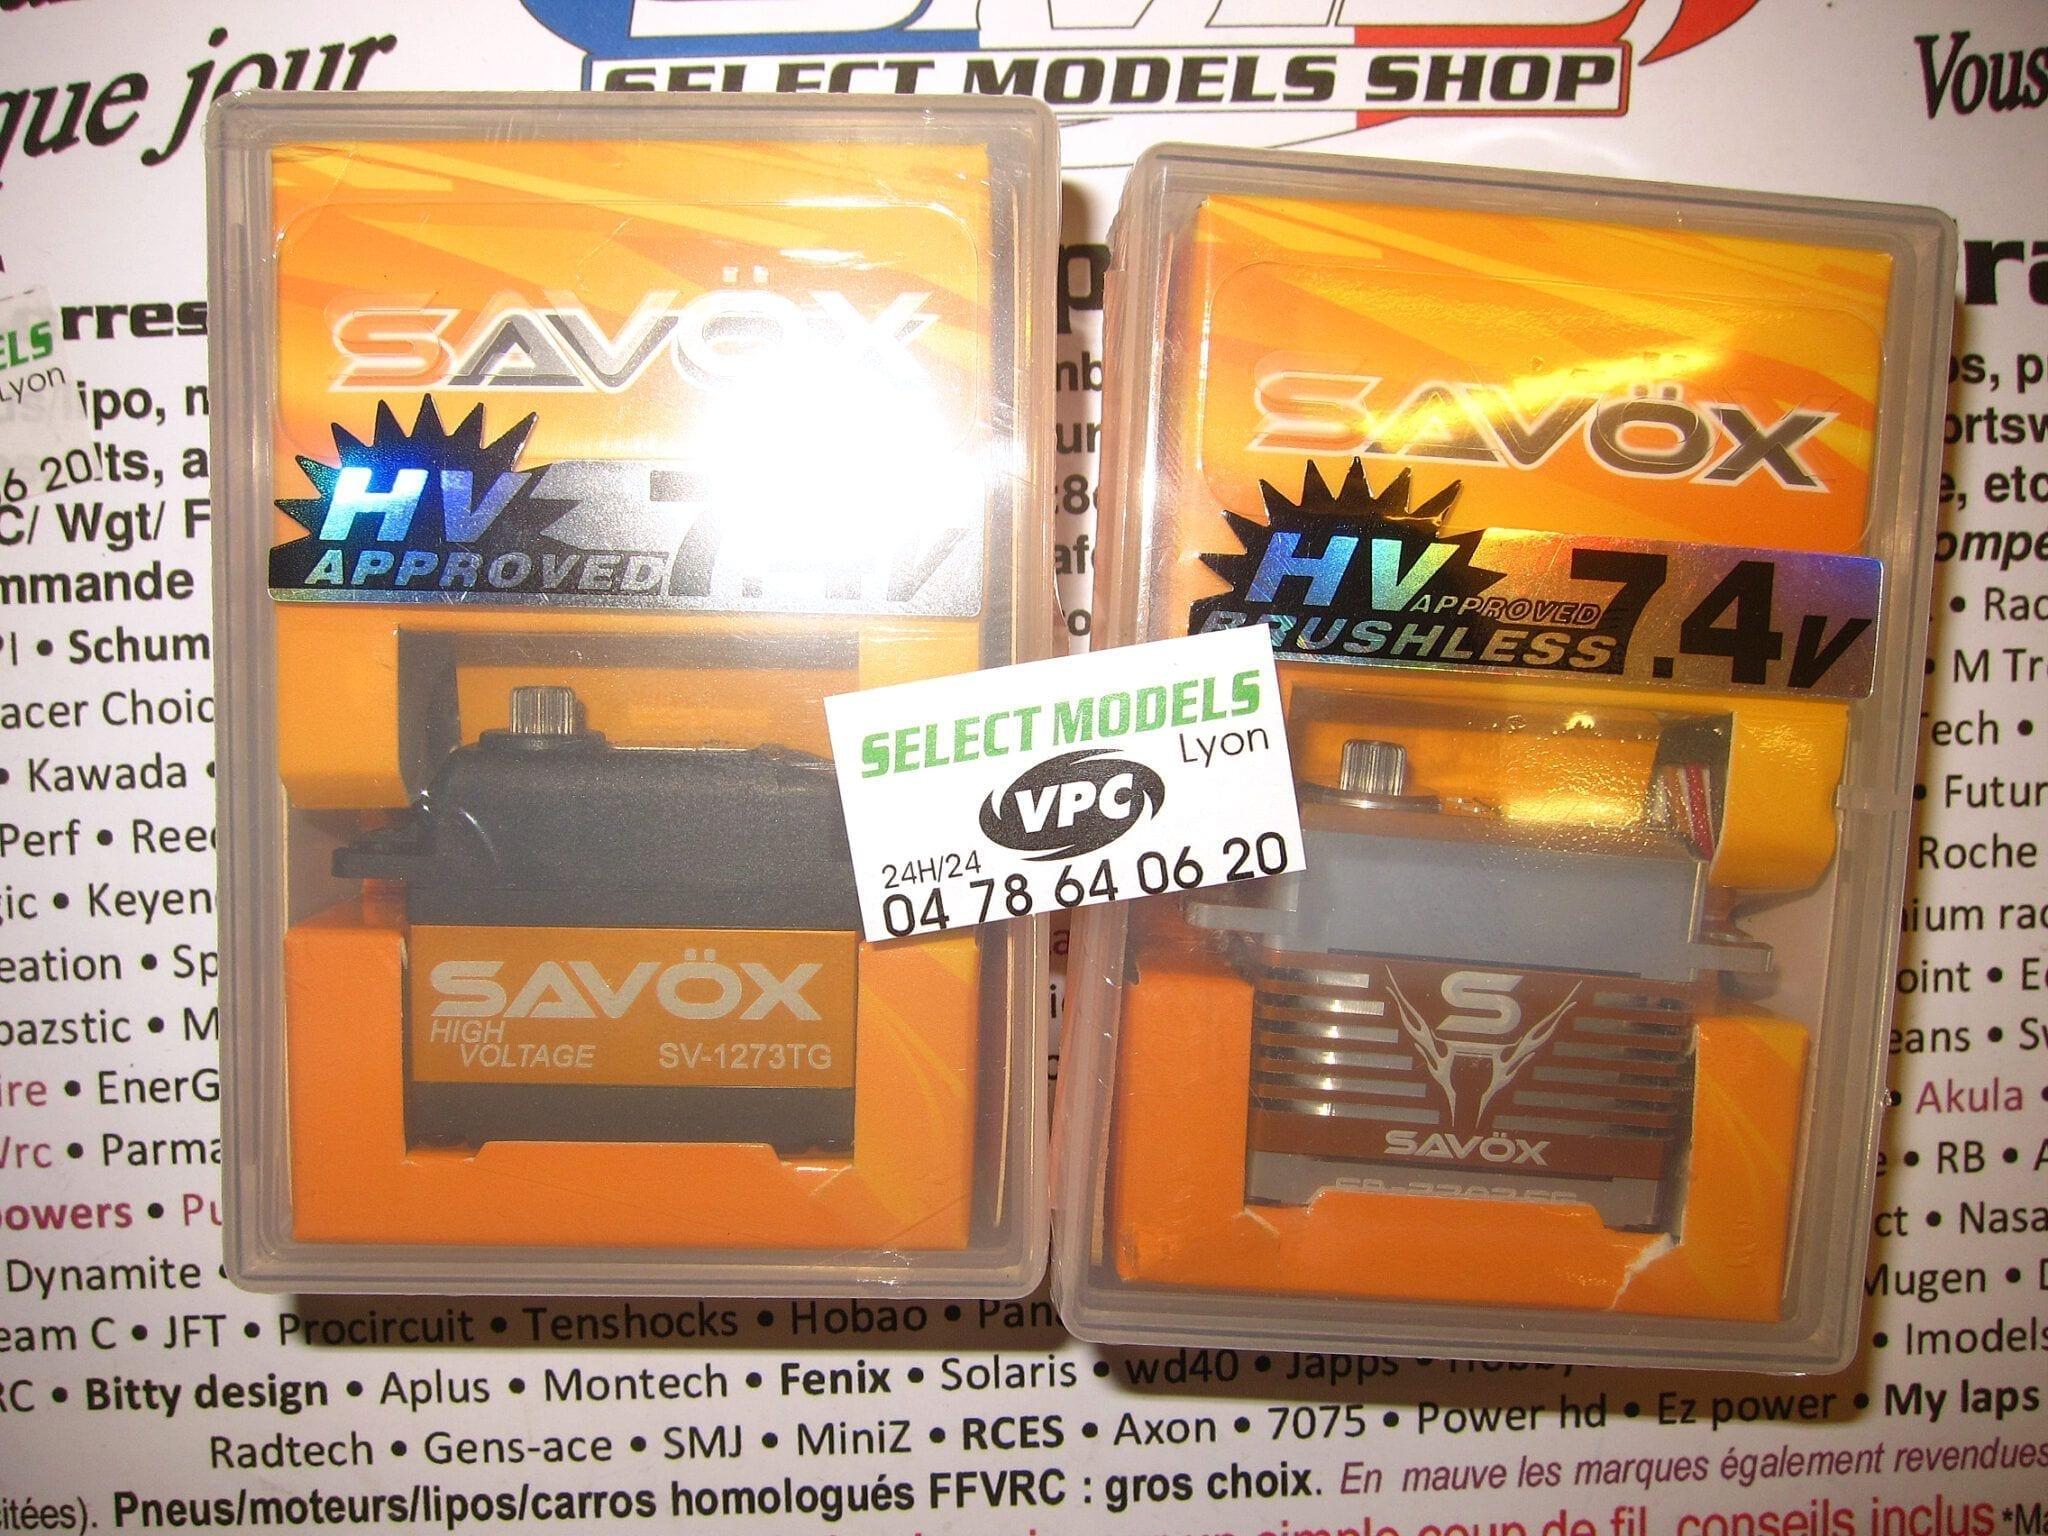 2 Servos Savox digitaux 7.4V